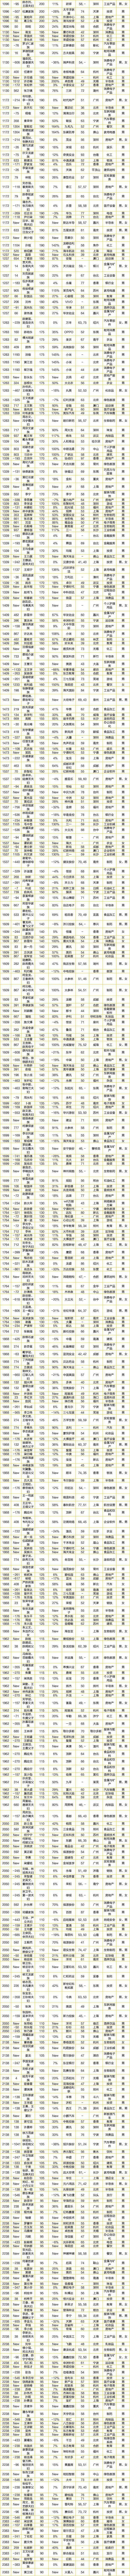 中国富豪榜2.jpeg